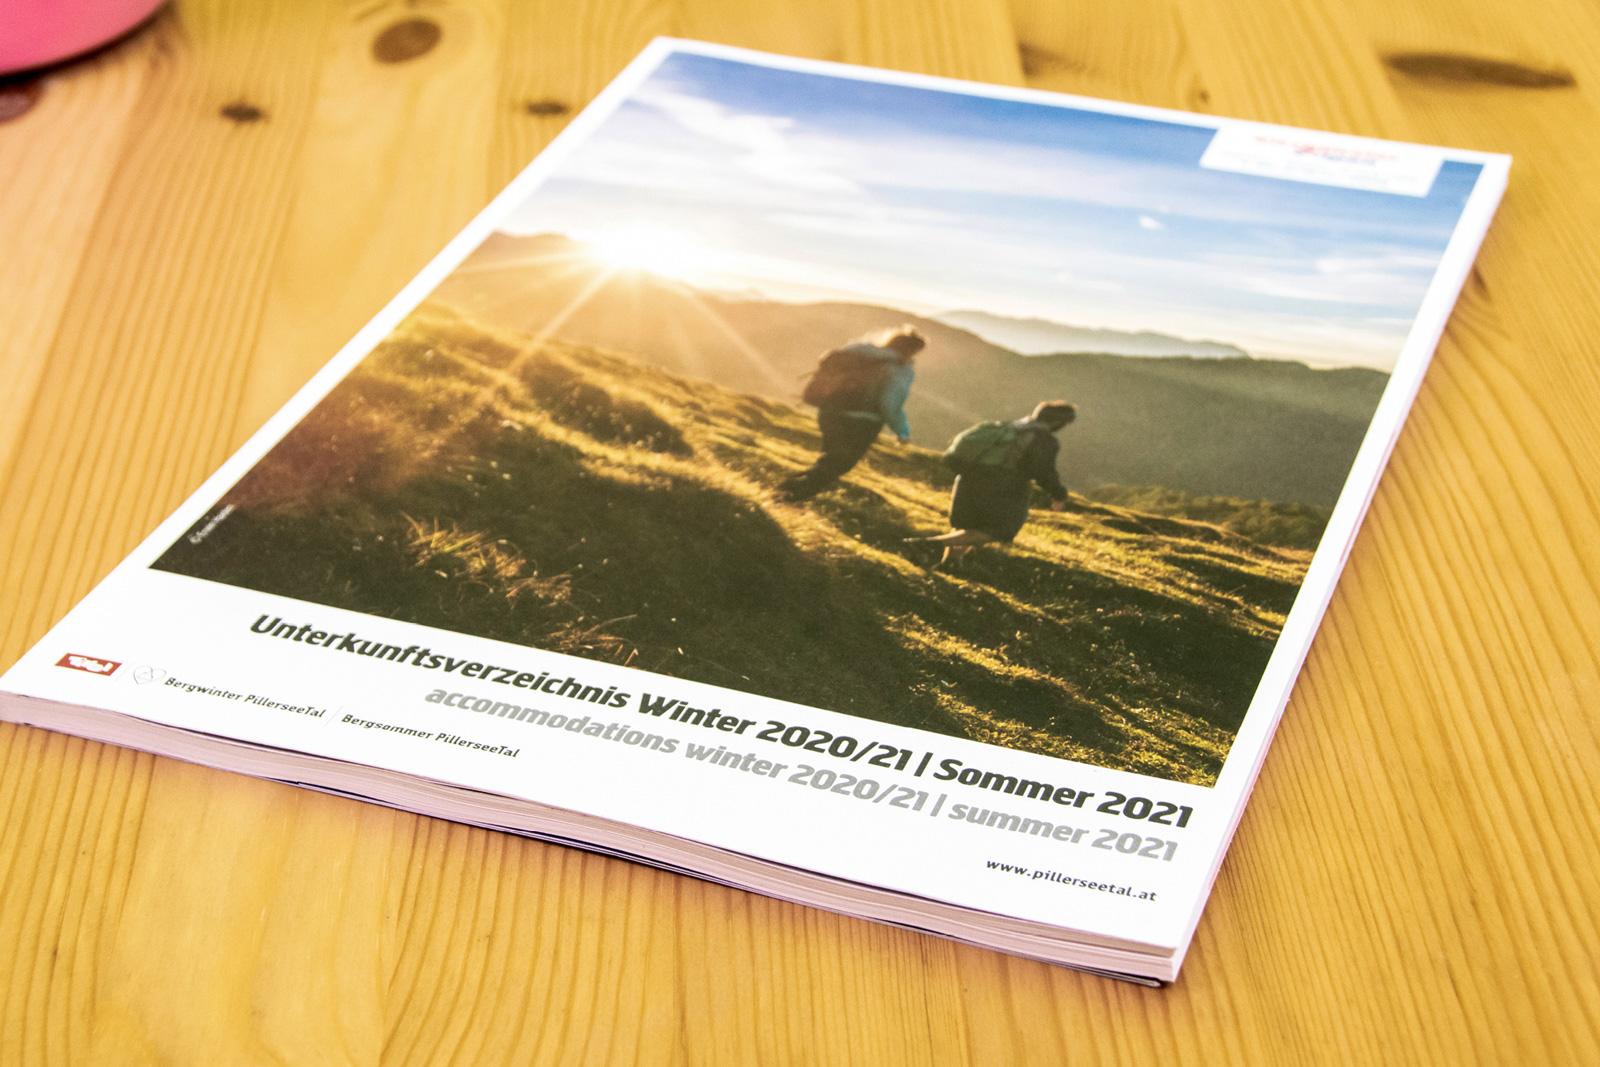 Pillersee 2021 Zusammenfassung